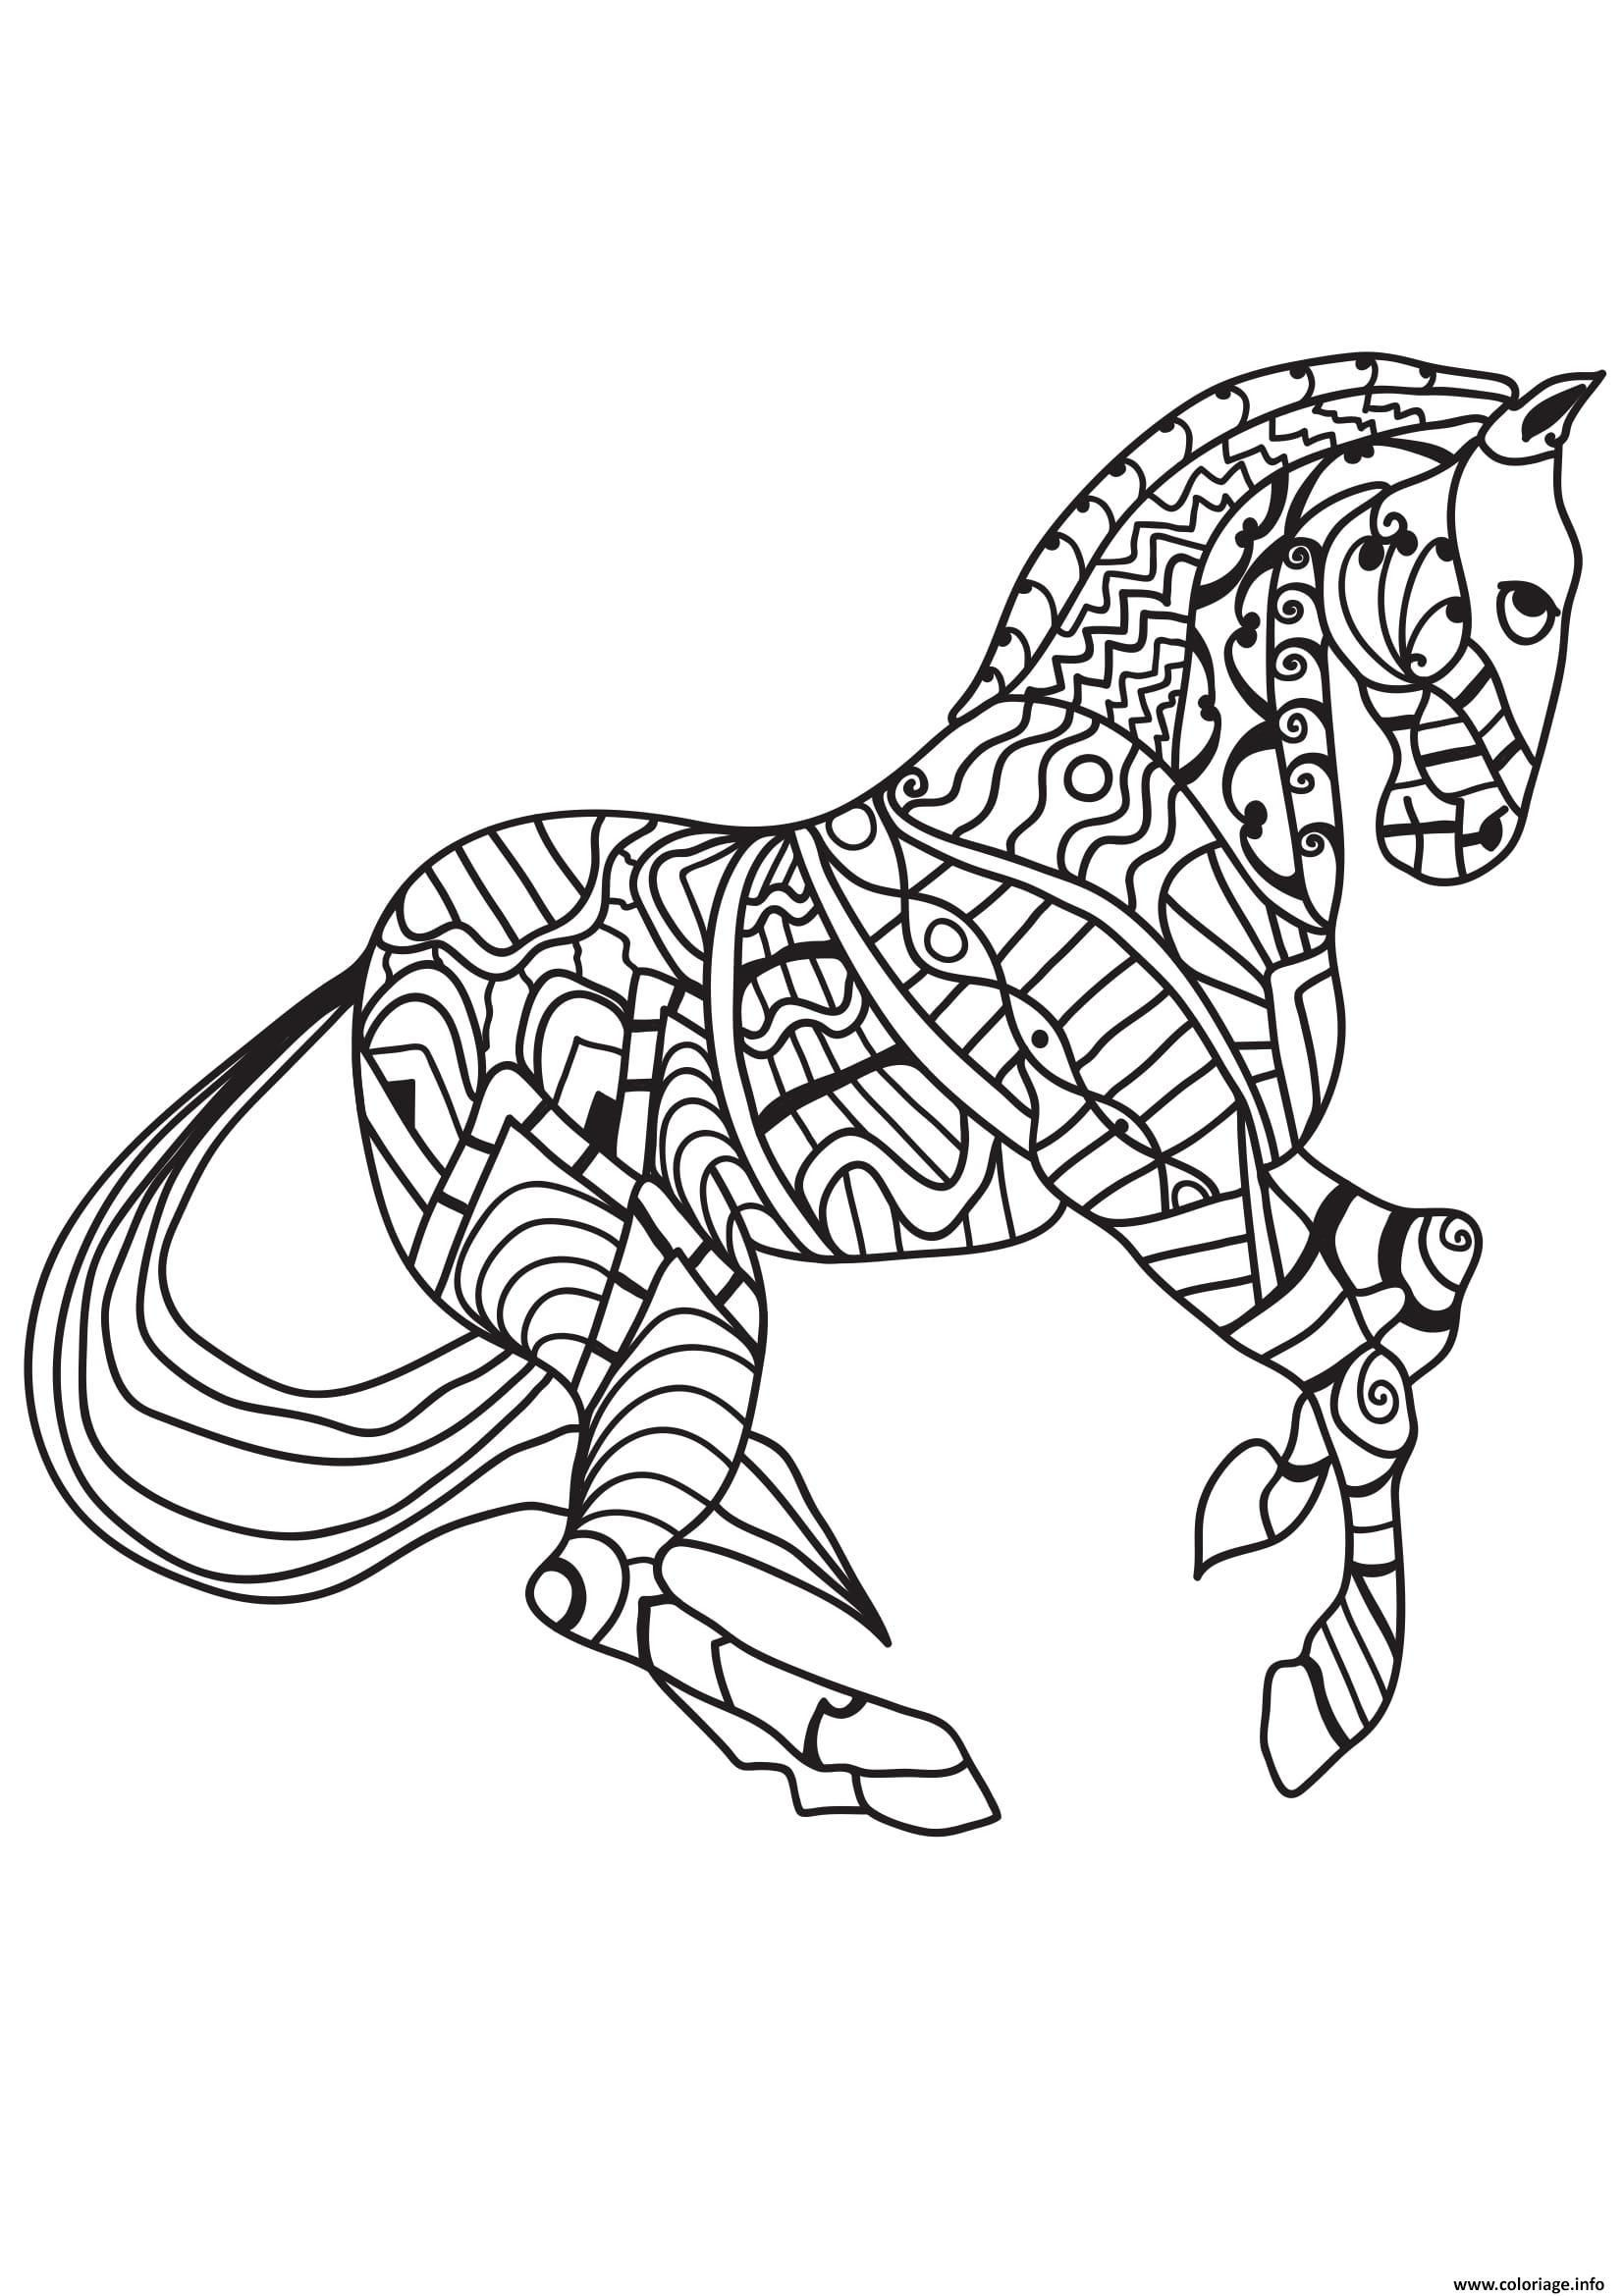 Dessin cheval pour adulte 29 Coloriage Gratuit à Imprimer